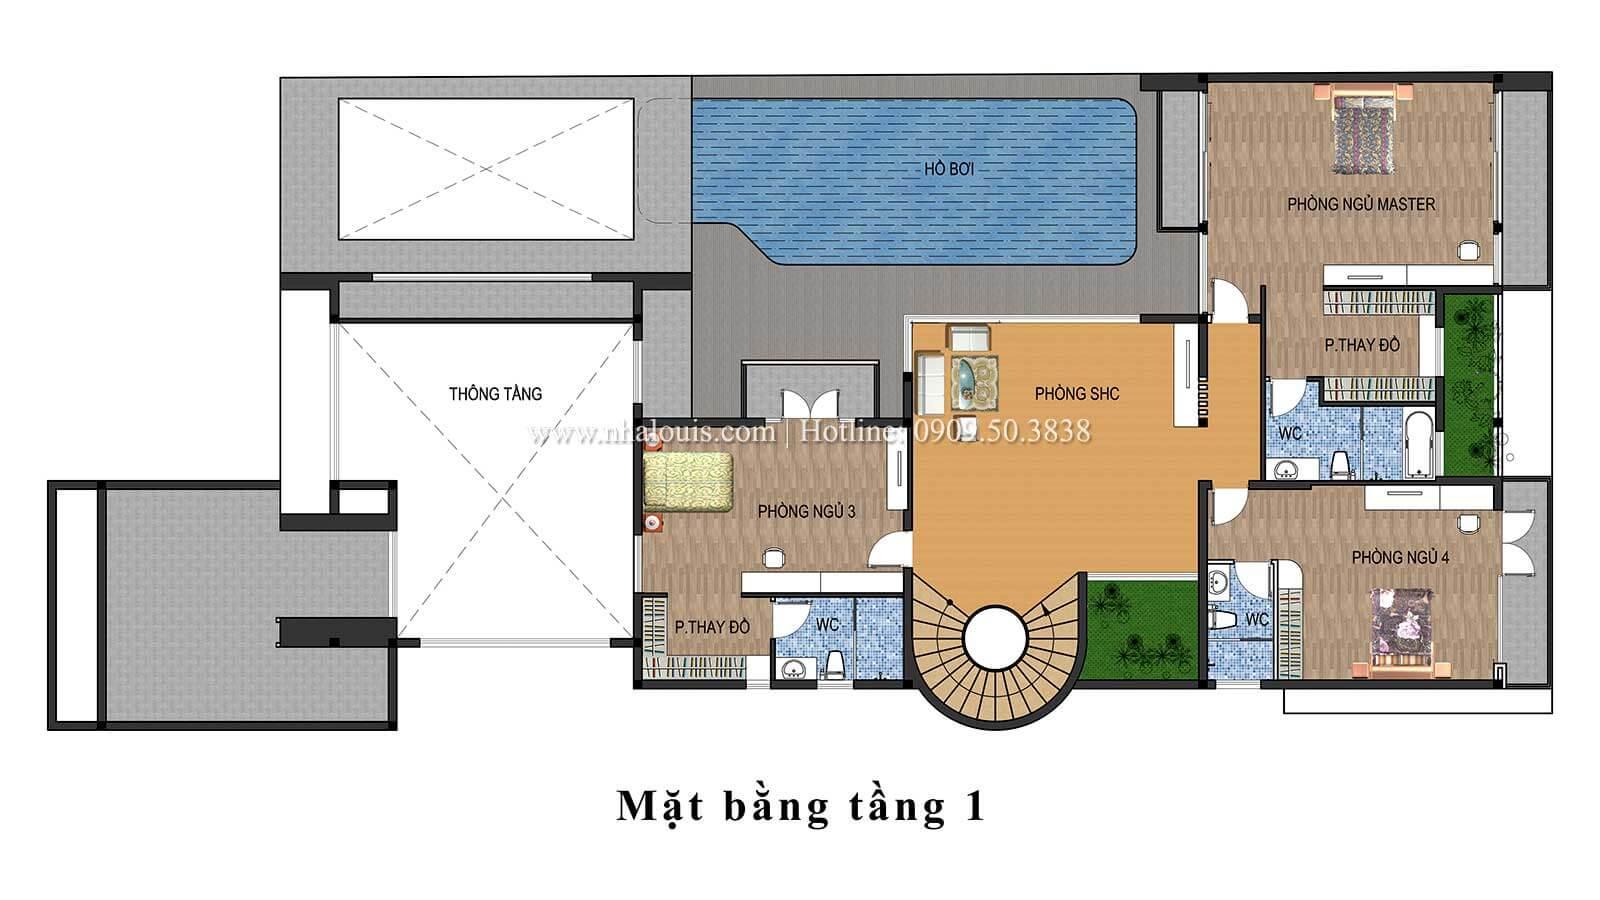 Thiết kế mẫu biệt thự 3 tầng hiện đại cực chất tại Quận 12 - 12